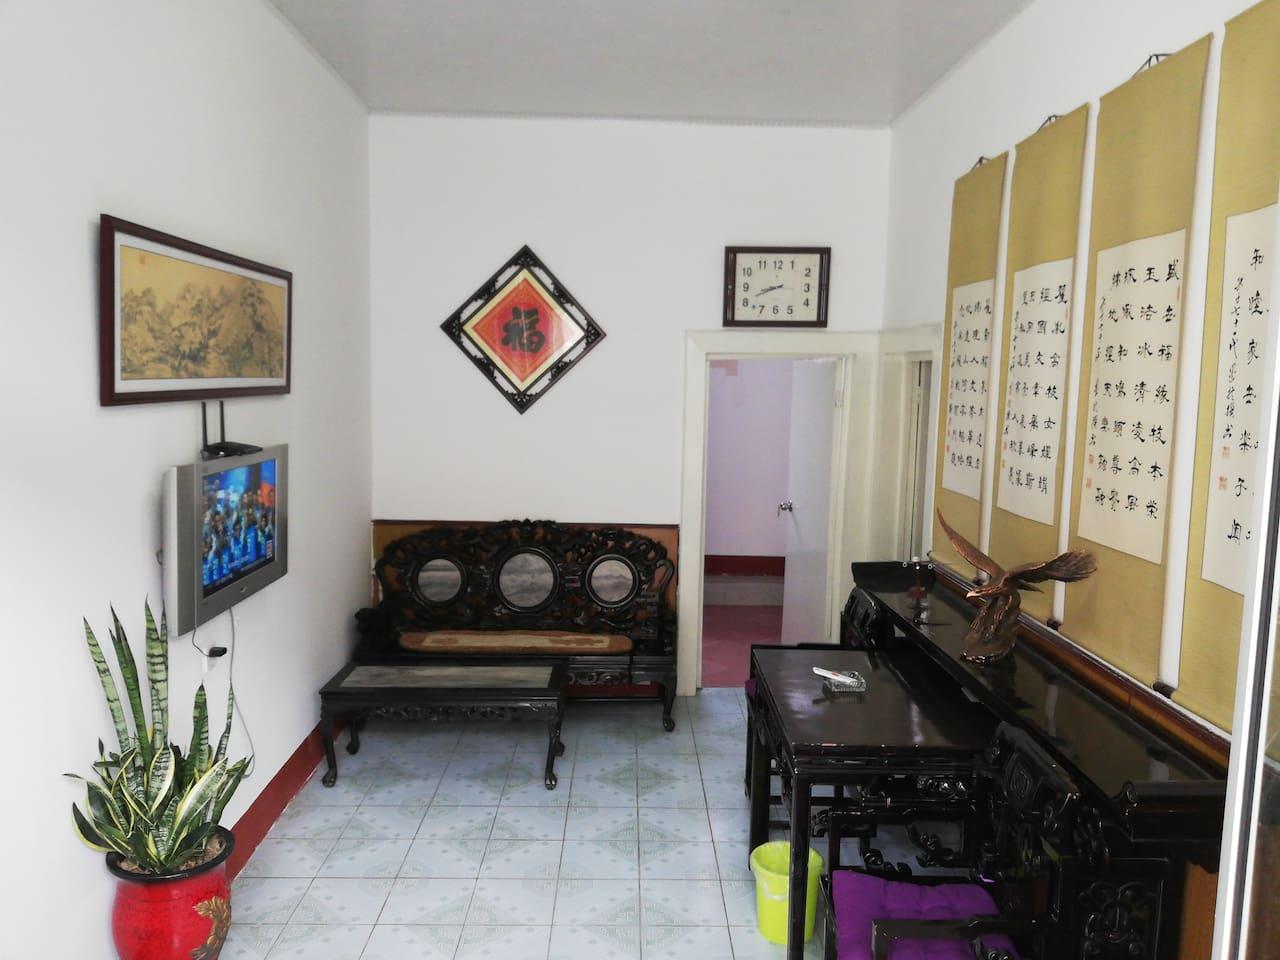 客厅古式家具明亮,怀旧风格。